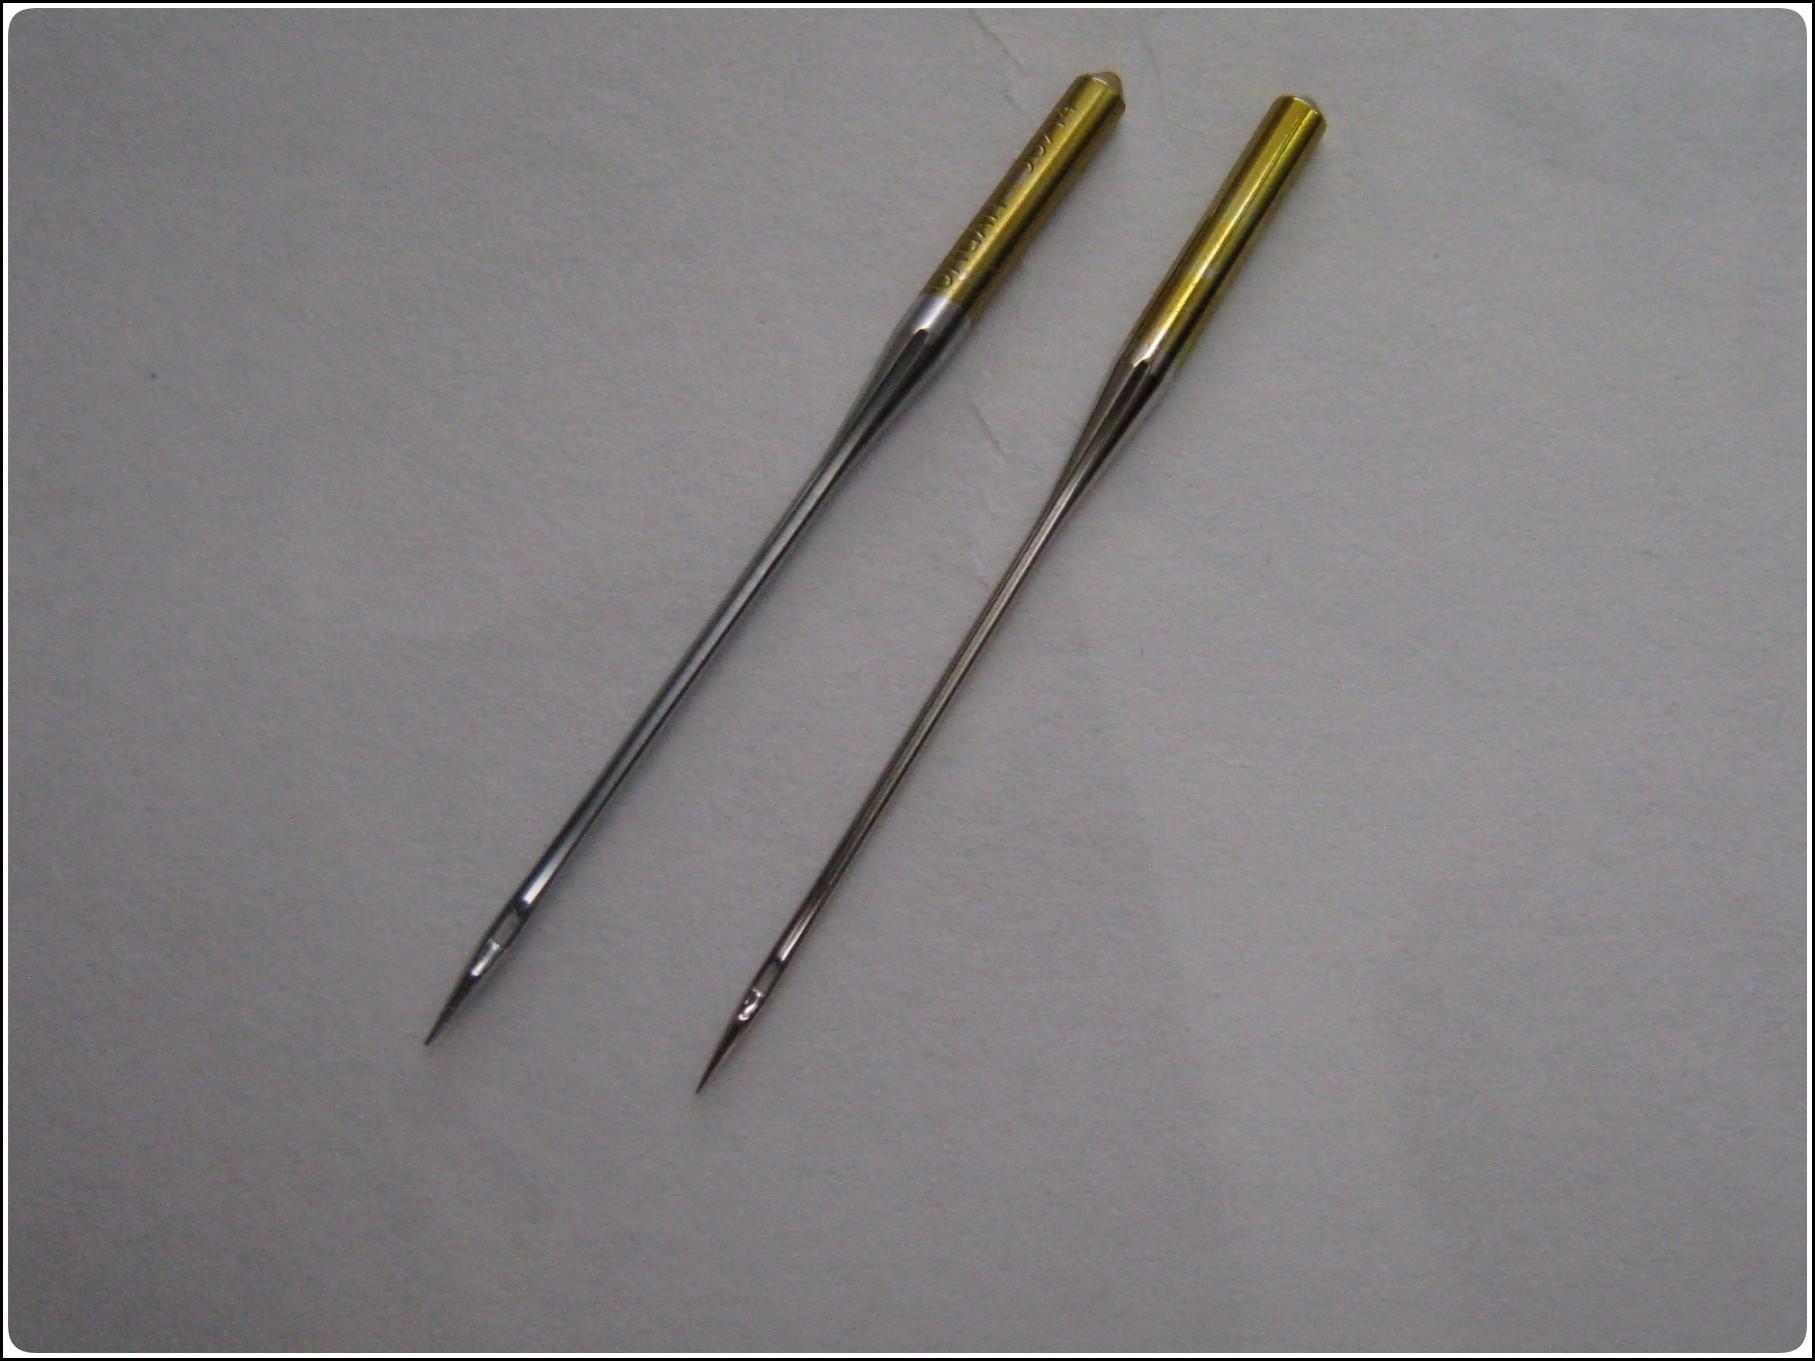 needle_731.jpg